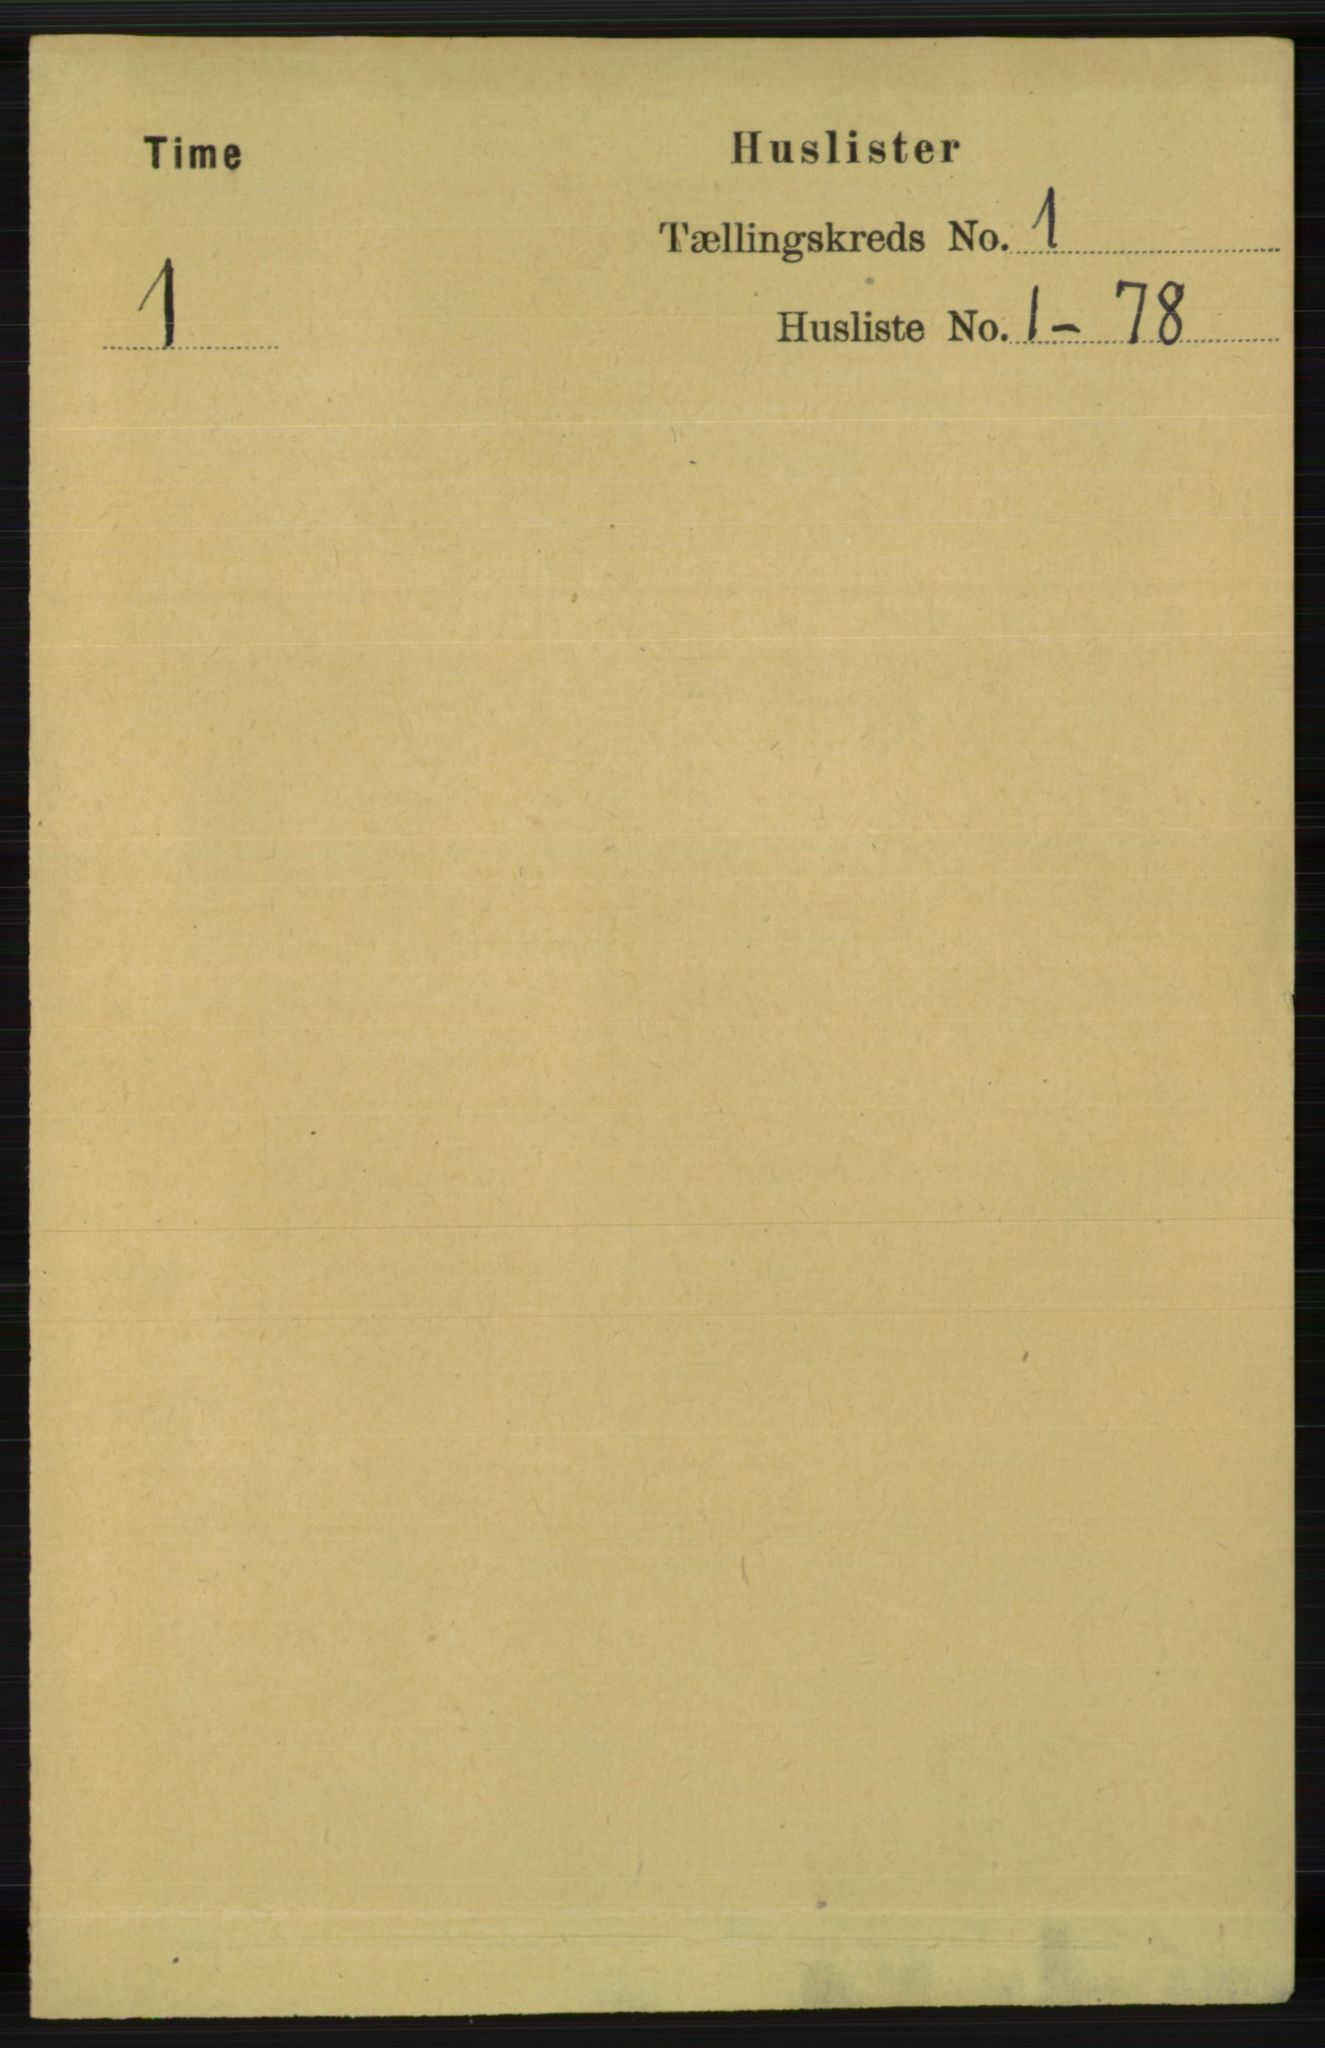 RA, Folketelling 1891 for 1121 Time herred, 1891, s. 24